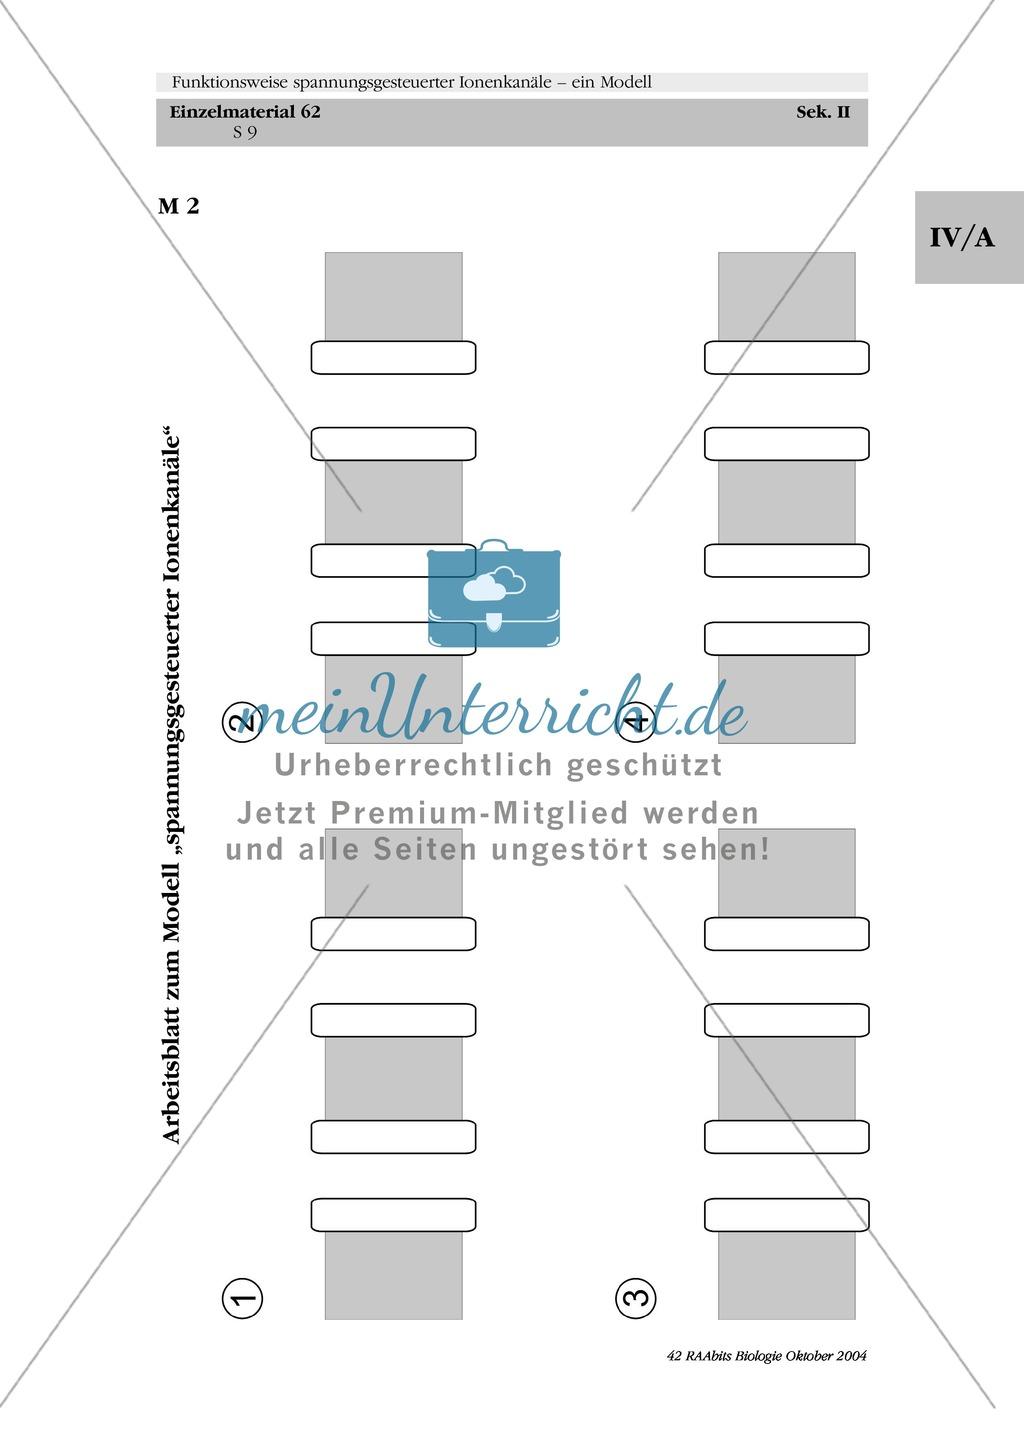 Struktur und Funktion spannungsgesteuerter Ionenkanäle bei der Ausbildung eines Aktionspotenzials in Einzel- und Gruppenarbeit beschreiben Preview 2